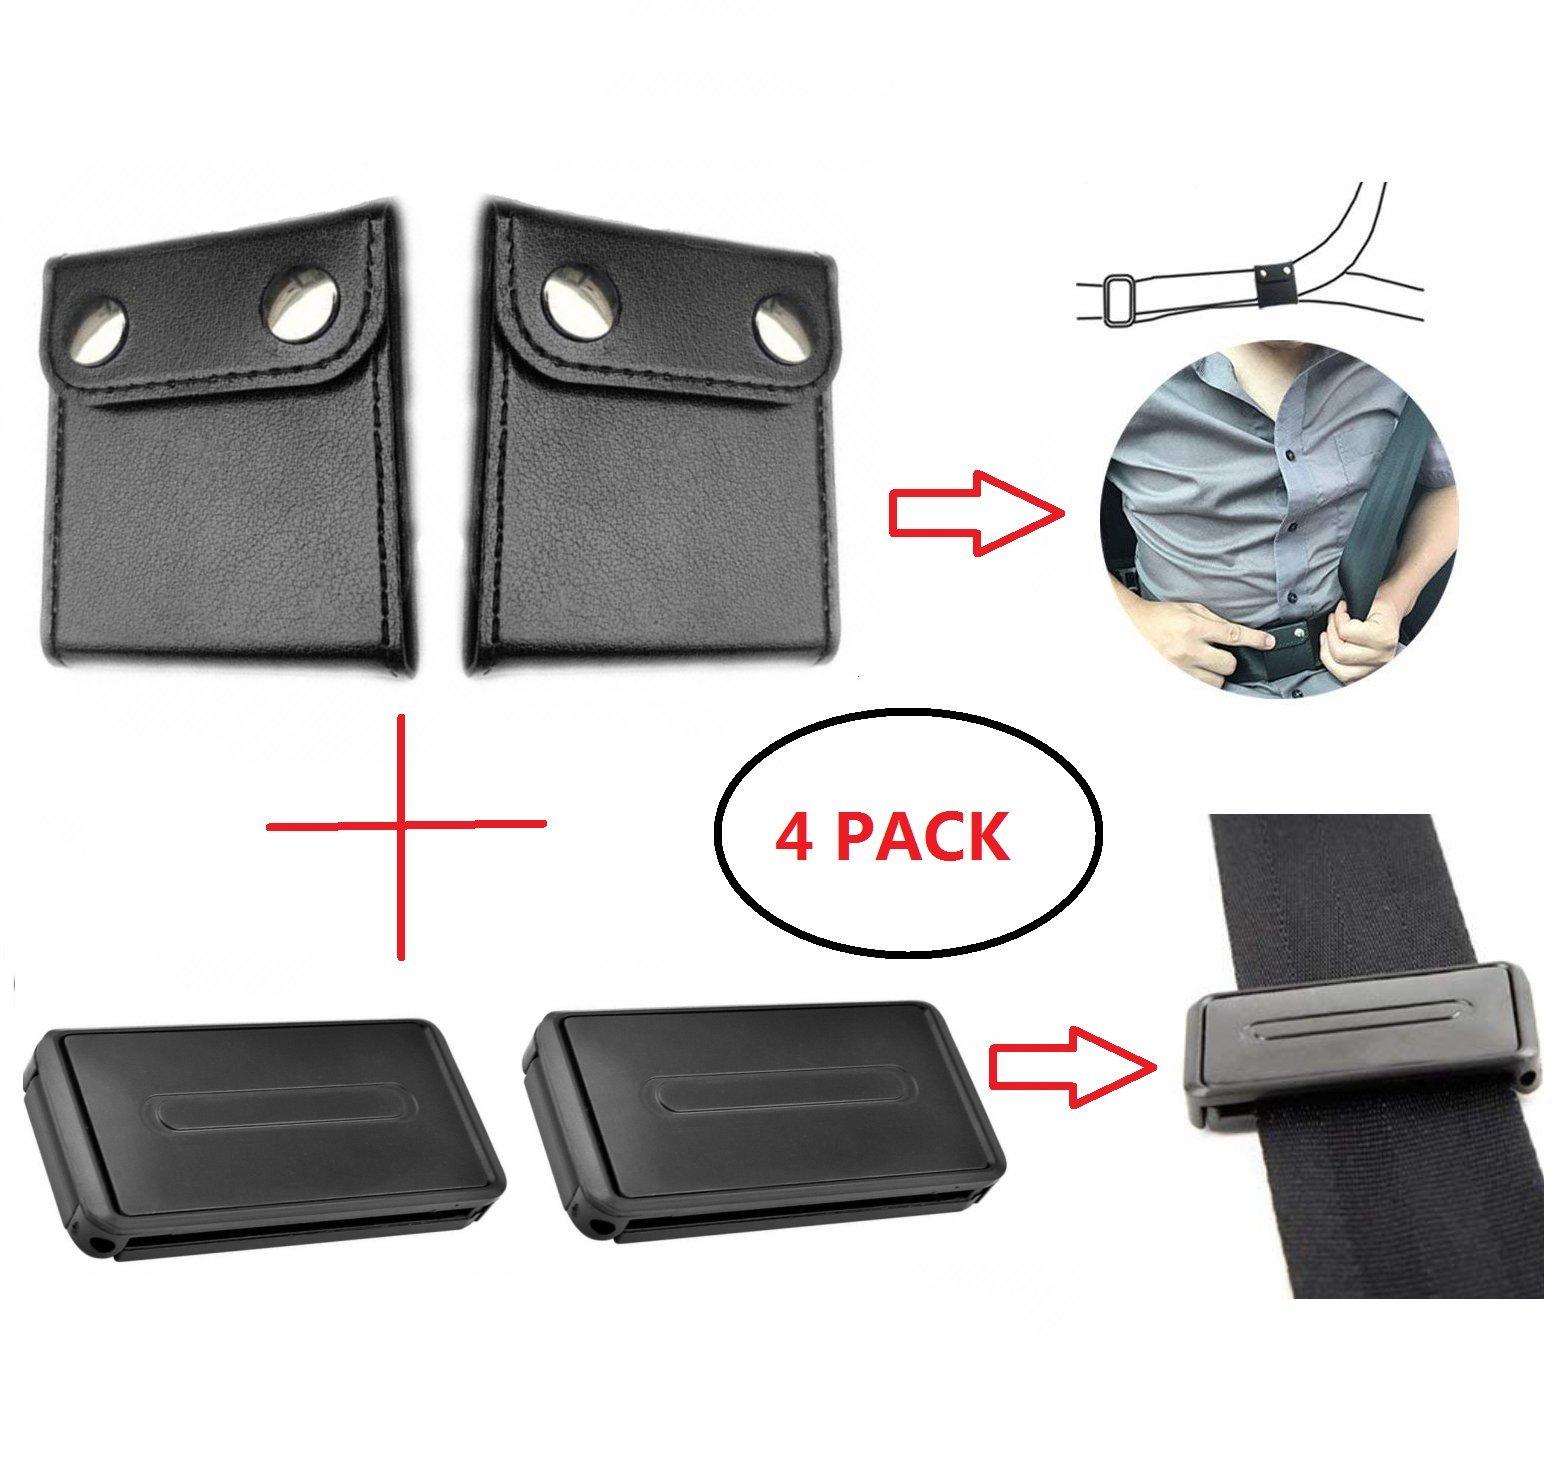 Car Seat Belt Adjuster Seatbelt Clips Smart Adjust Seat Belts Comfort Auto Shoulder Neck Protector Locking Clip Cover, Vehicle Car Seat Belt Safety Positioner (2+2 Pack, Black)